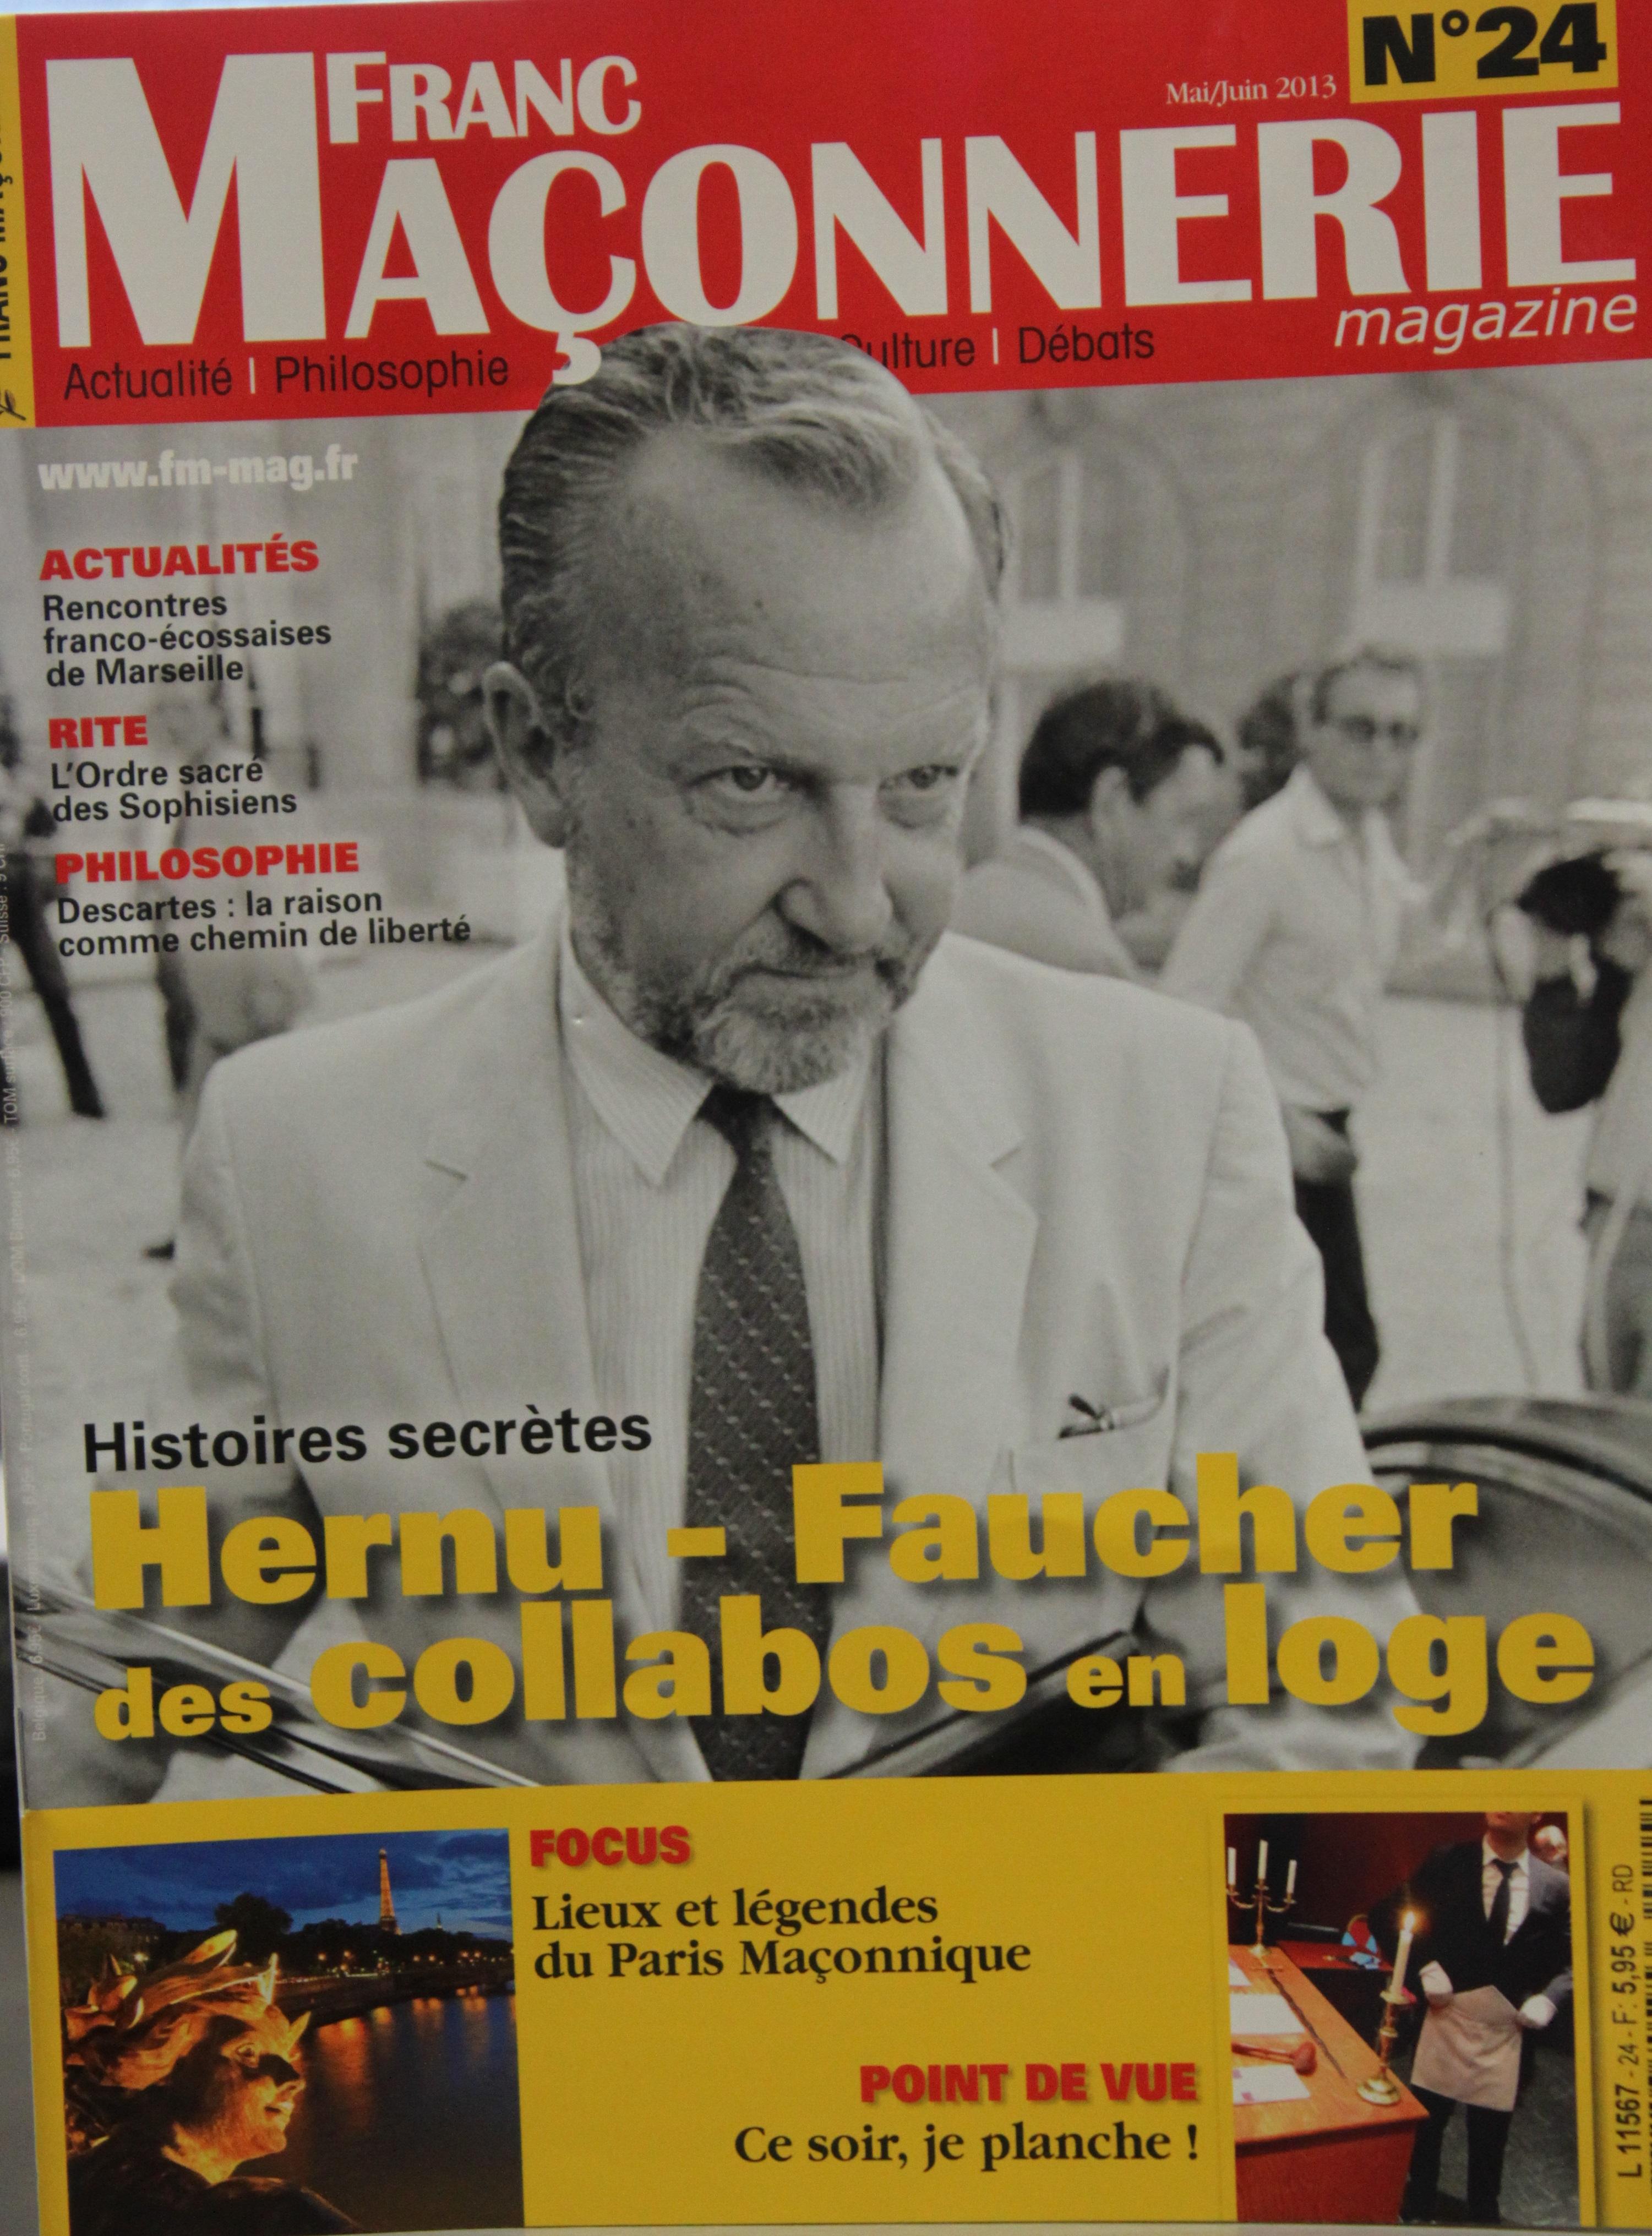 La Une du magazine